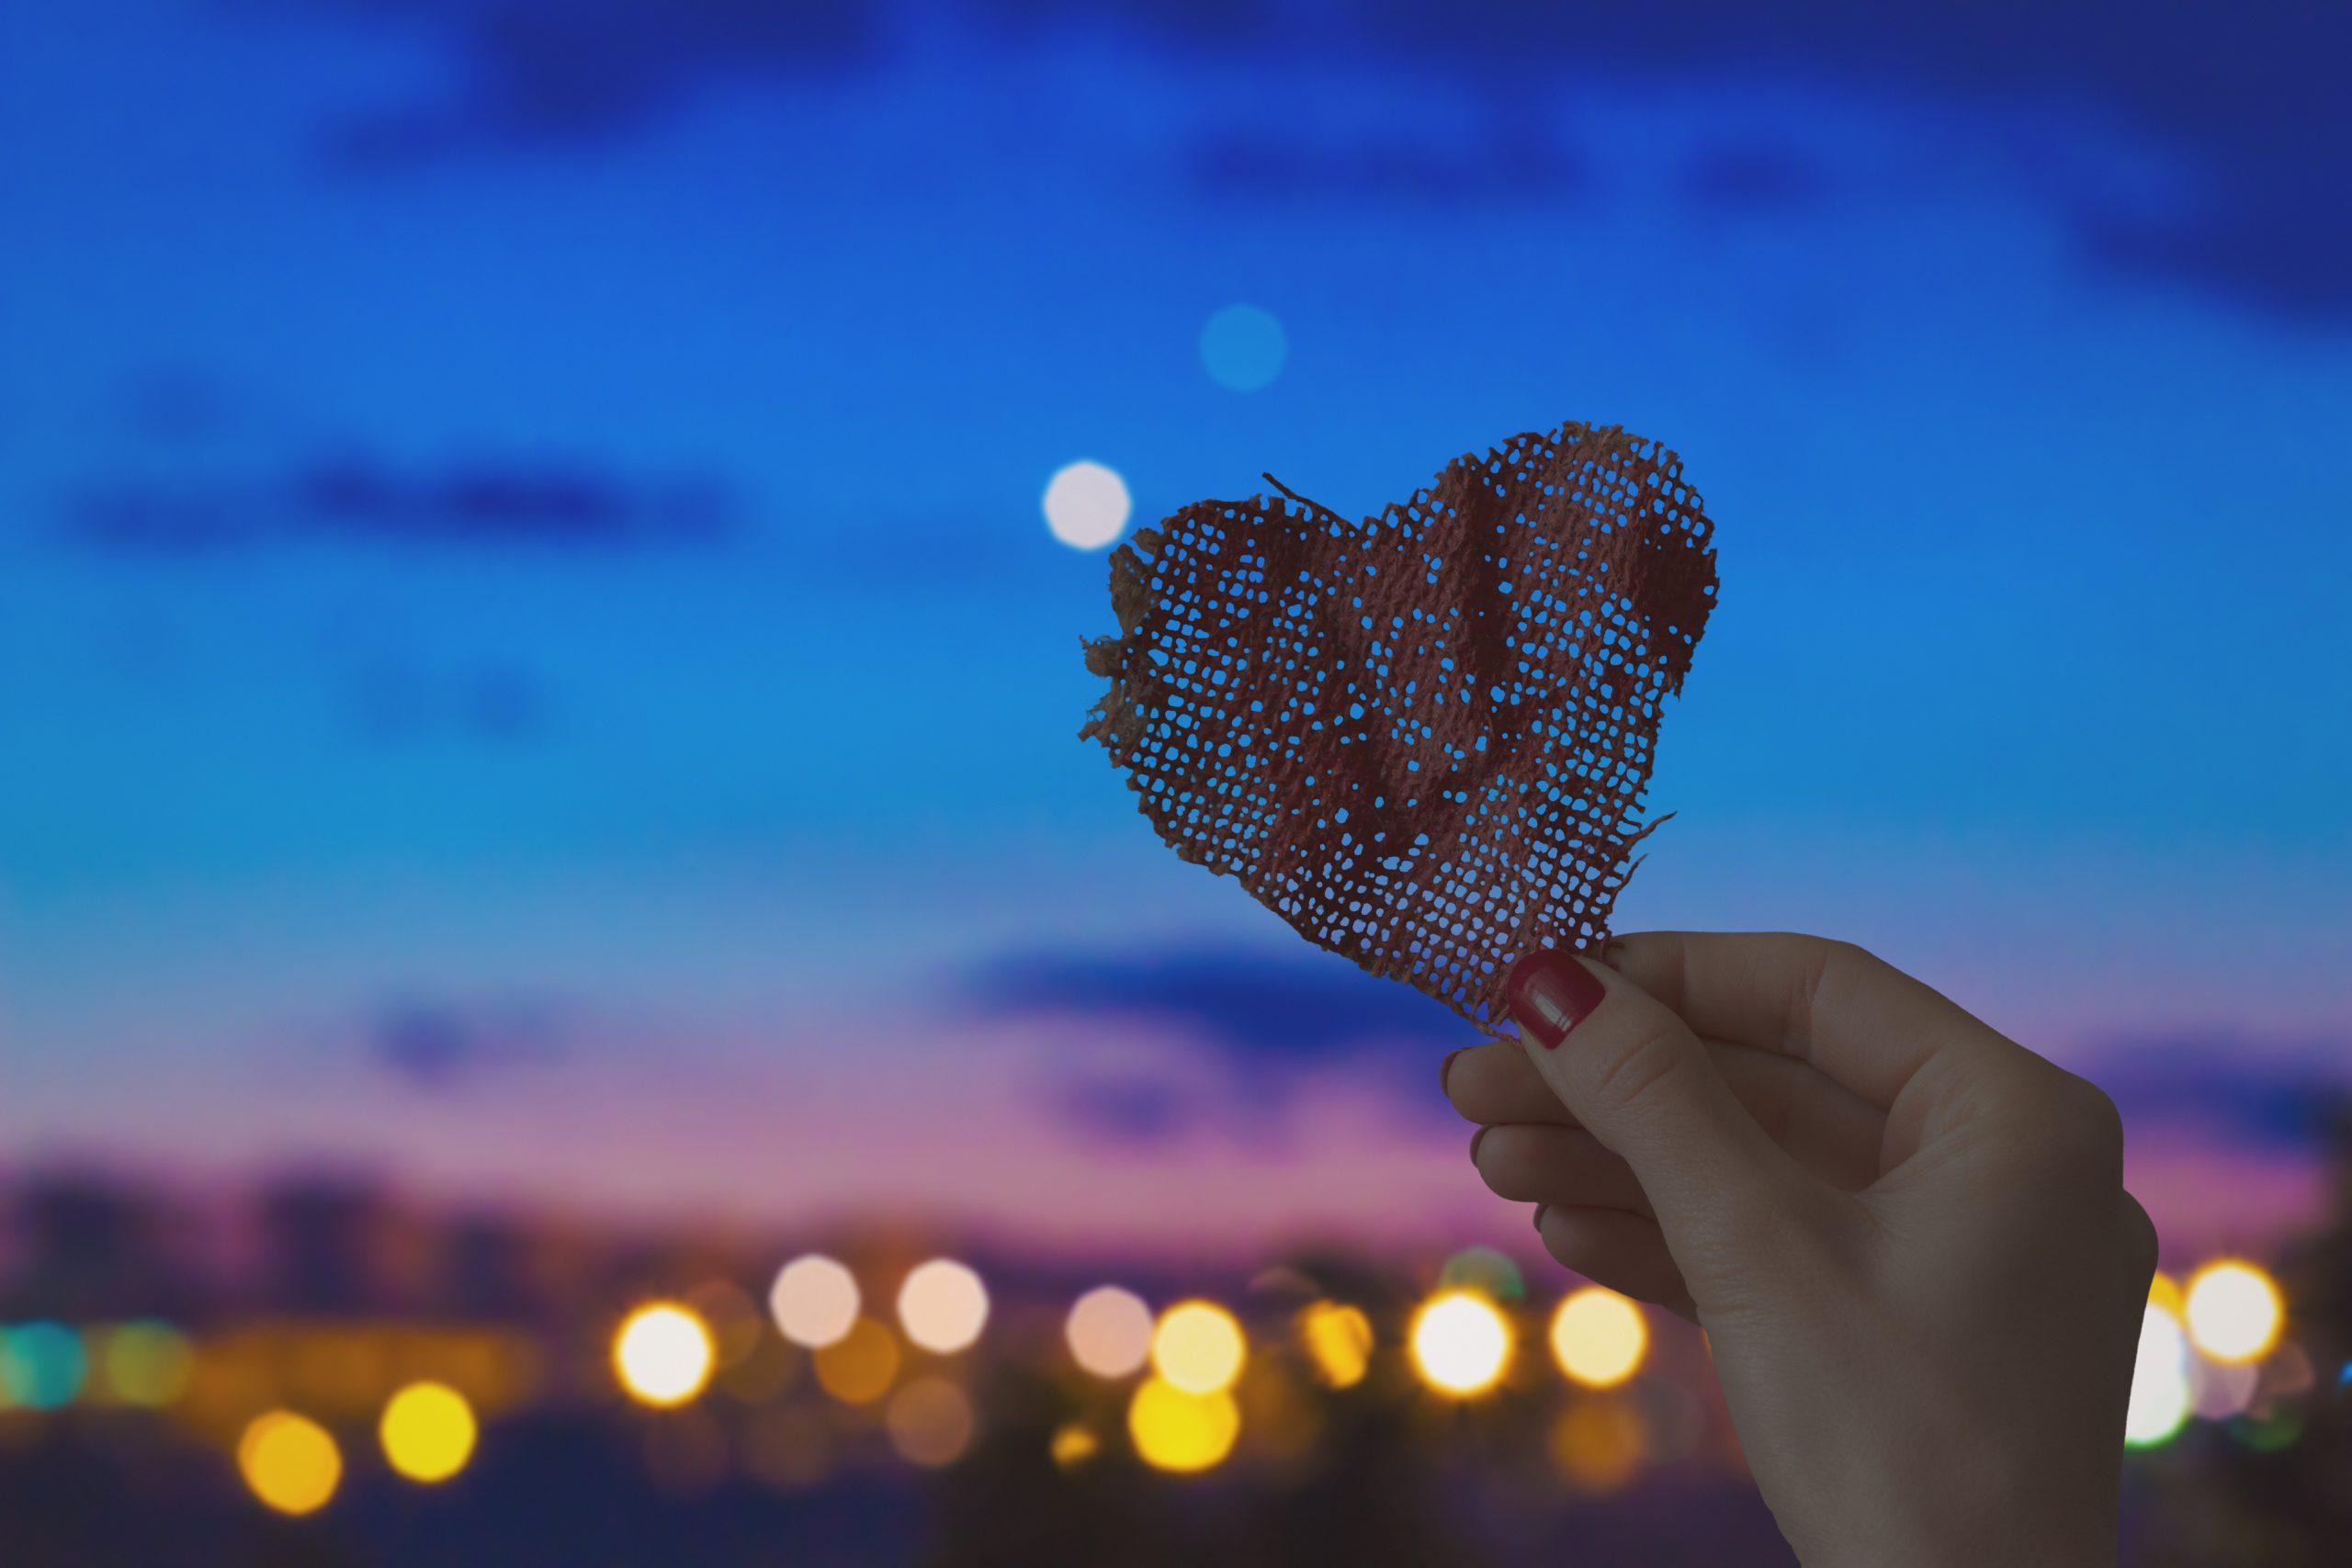 恋愛占い|『この関係は惰性?』『私を愛してる?』彼の中にある恋の答え